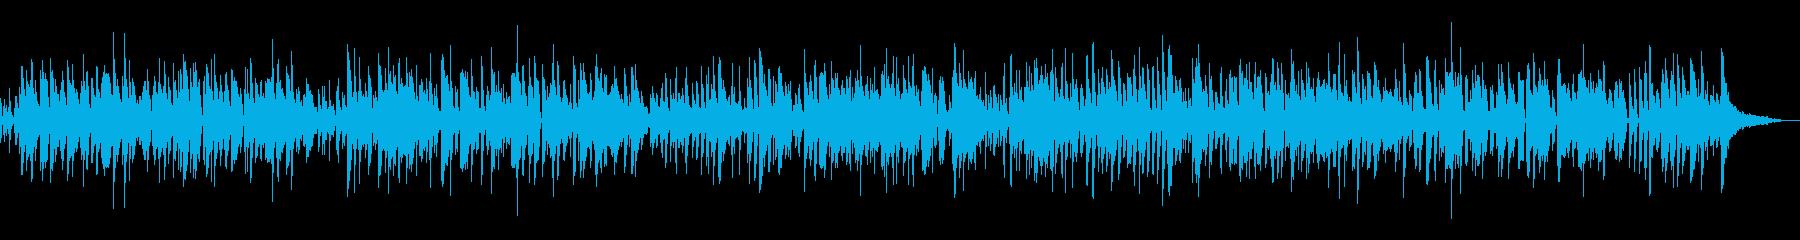 ピアノジャズ料理カフェ系YouTubeの再生済みの波形